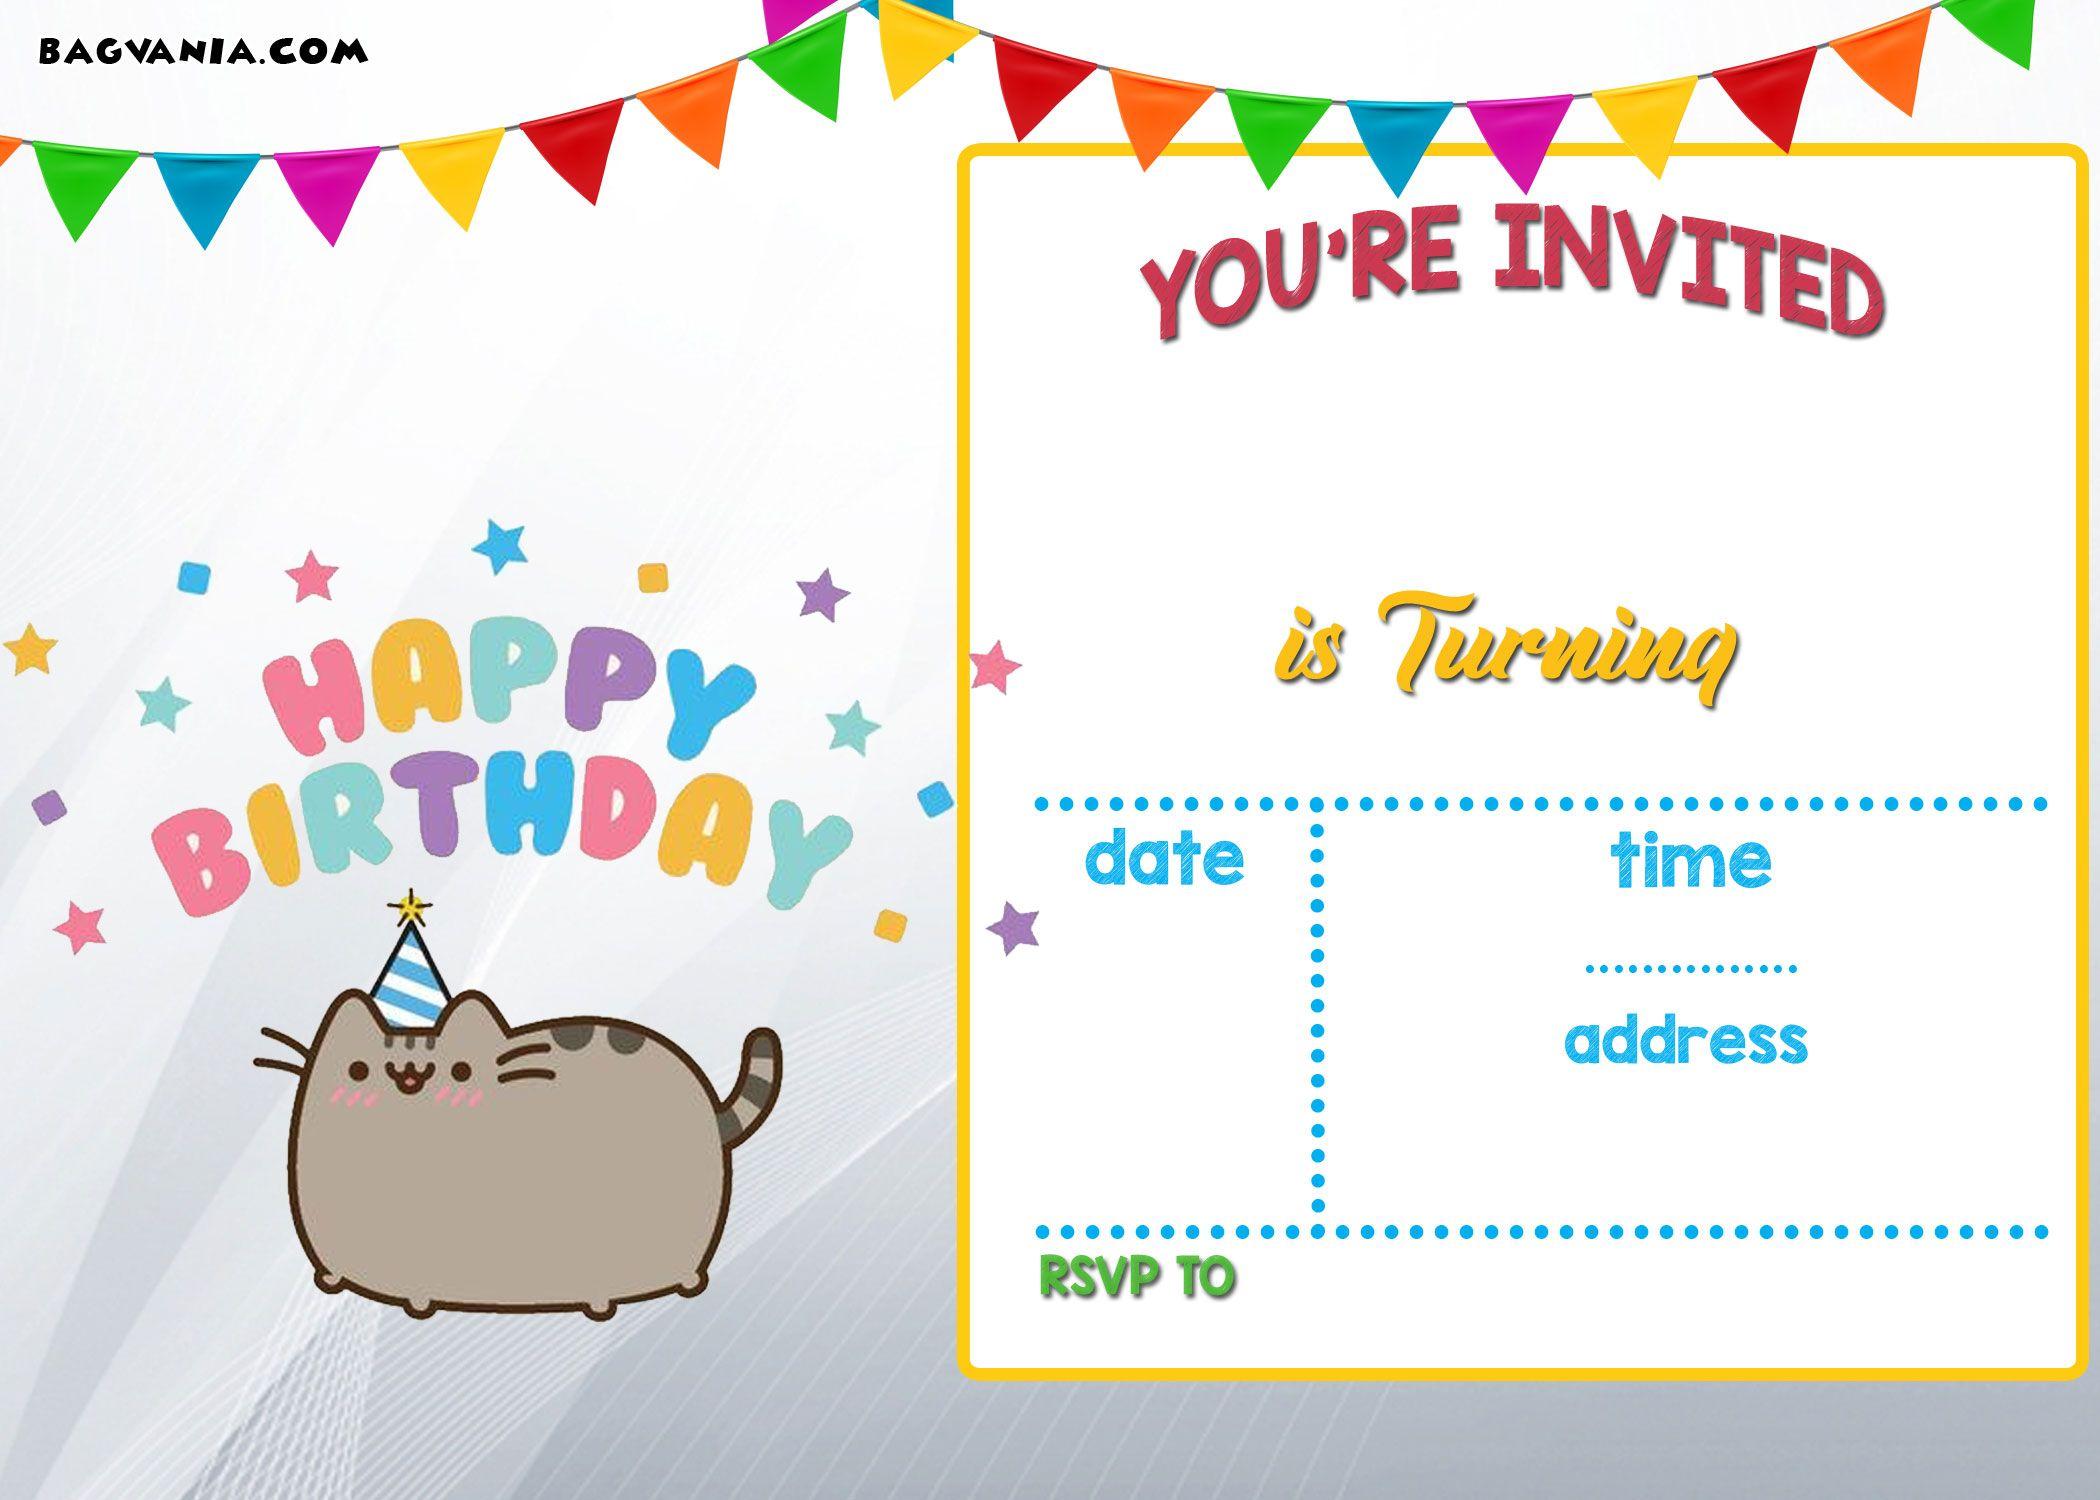 Download free printable pusheen birthday invitation template download free printable pusheen birthday invitation template stopboris Choice Image